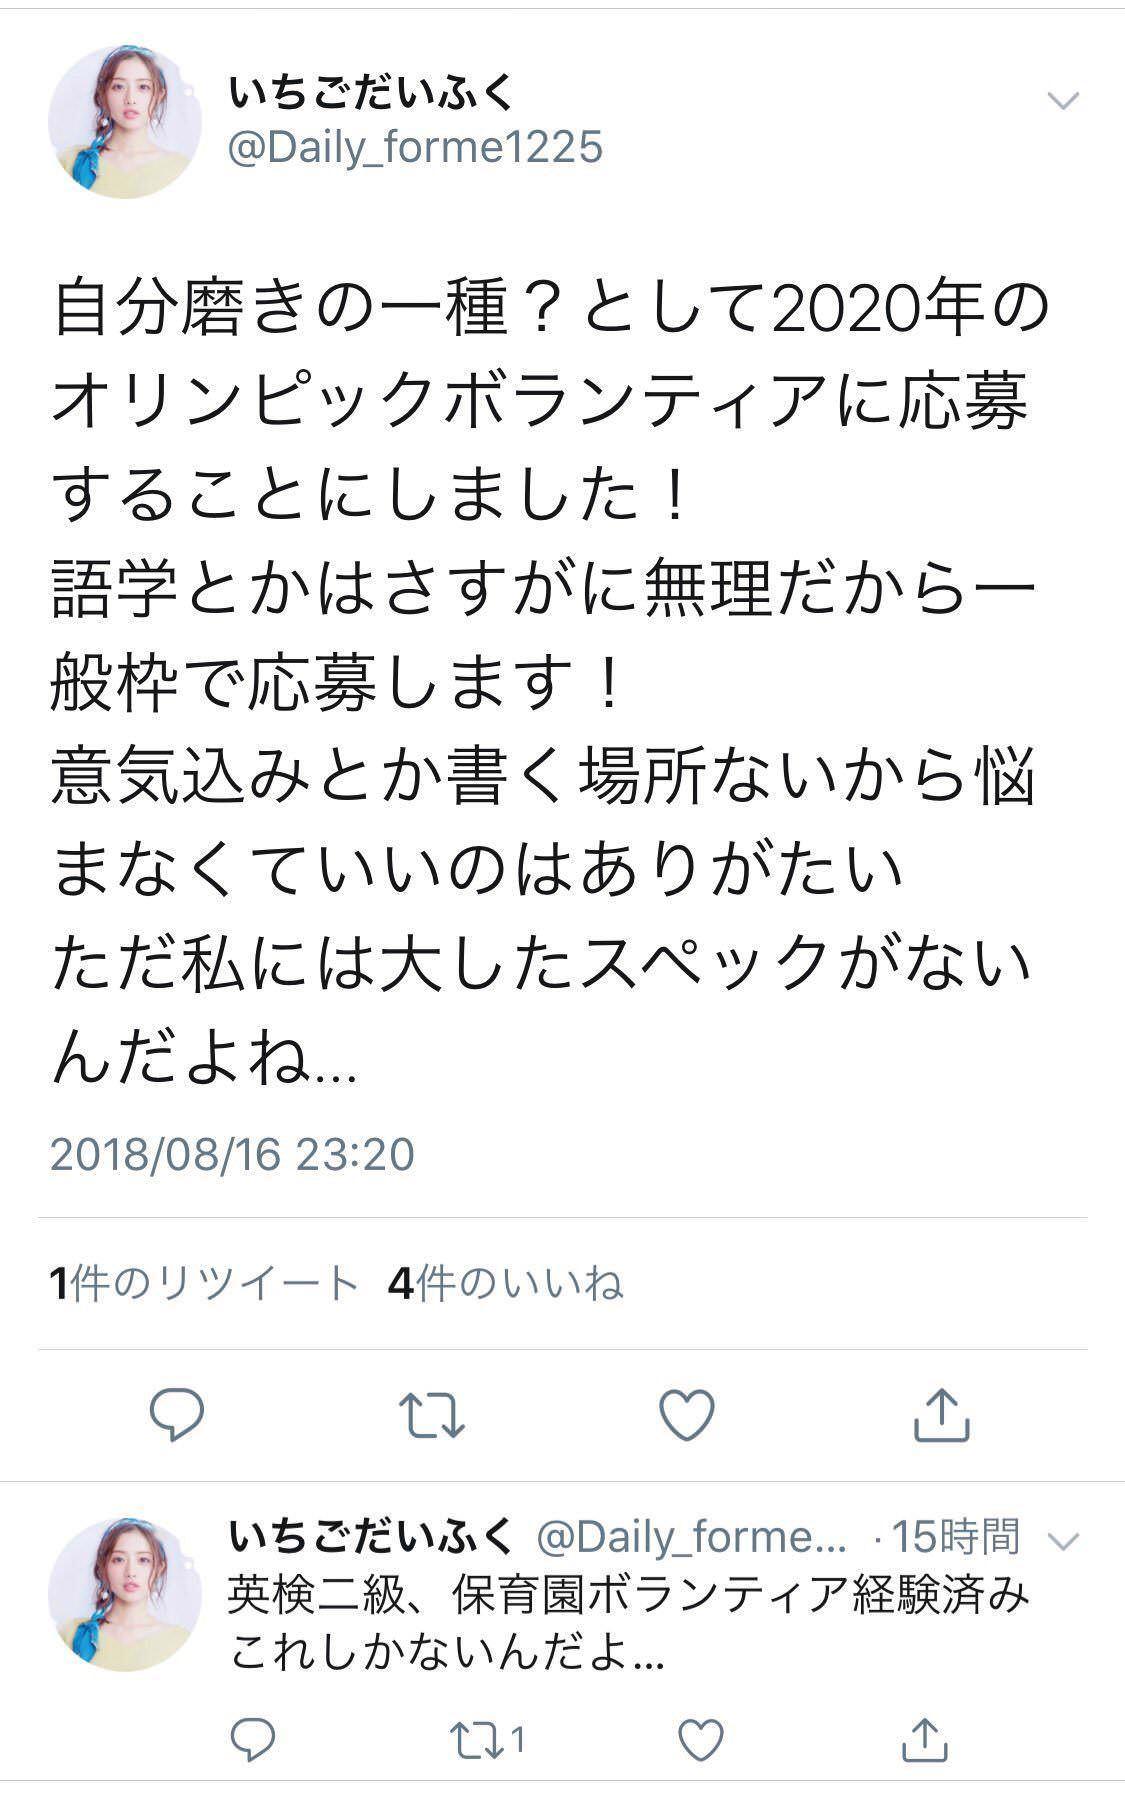 【謎】Twitterで「私は五輪のボランティアに参加するよ!!」と呟くだけの謎アカウントが大量発生中